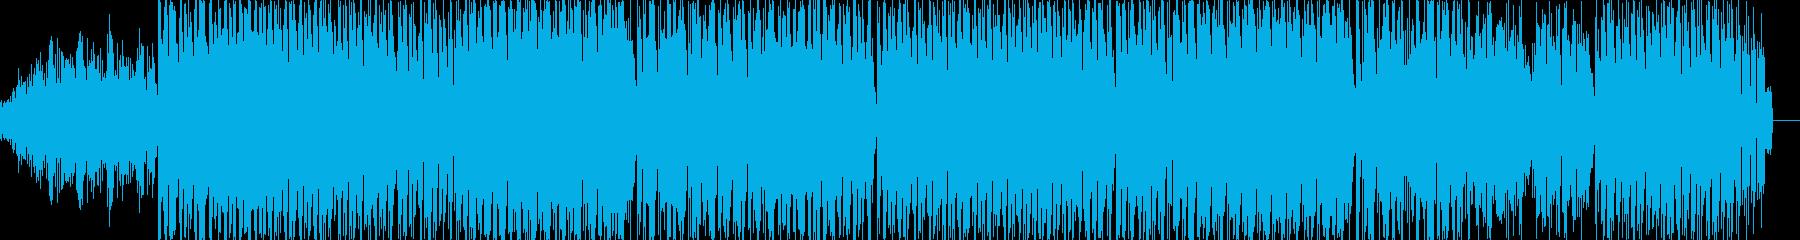 ミステリアスで音色が綺麗なメロディーの再生済みの波形